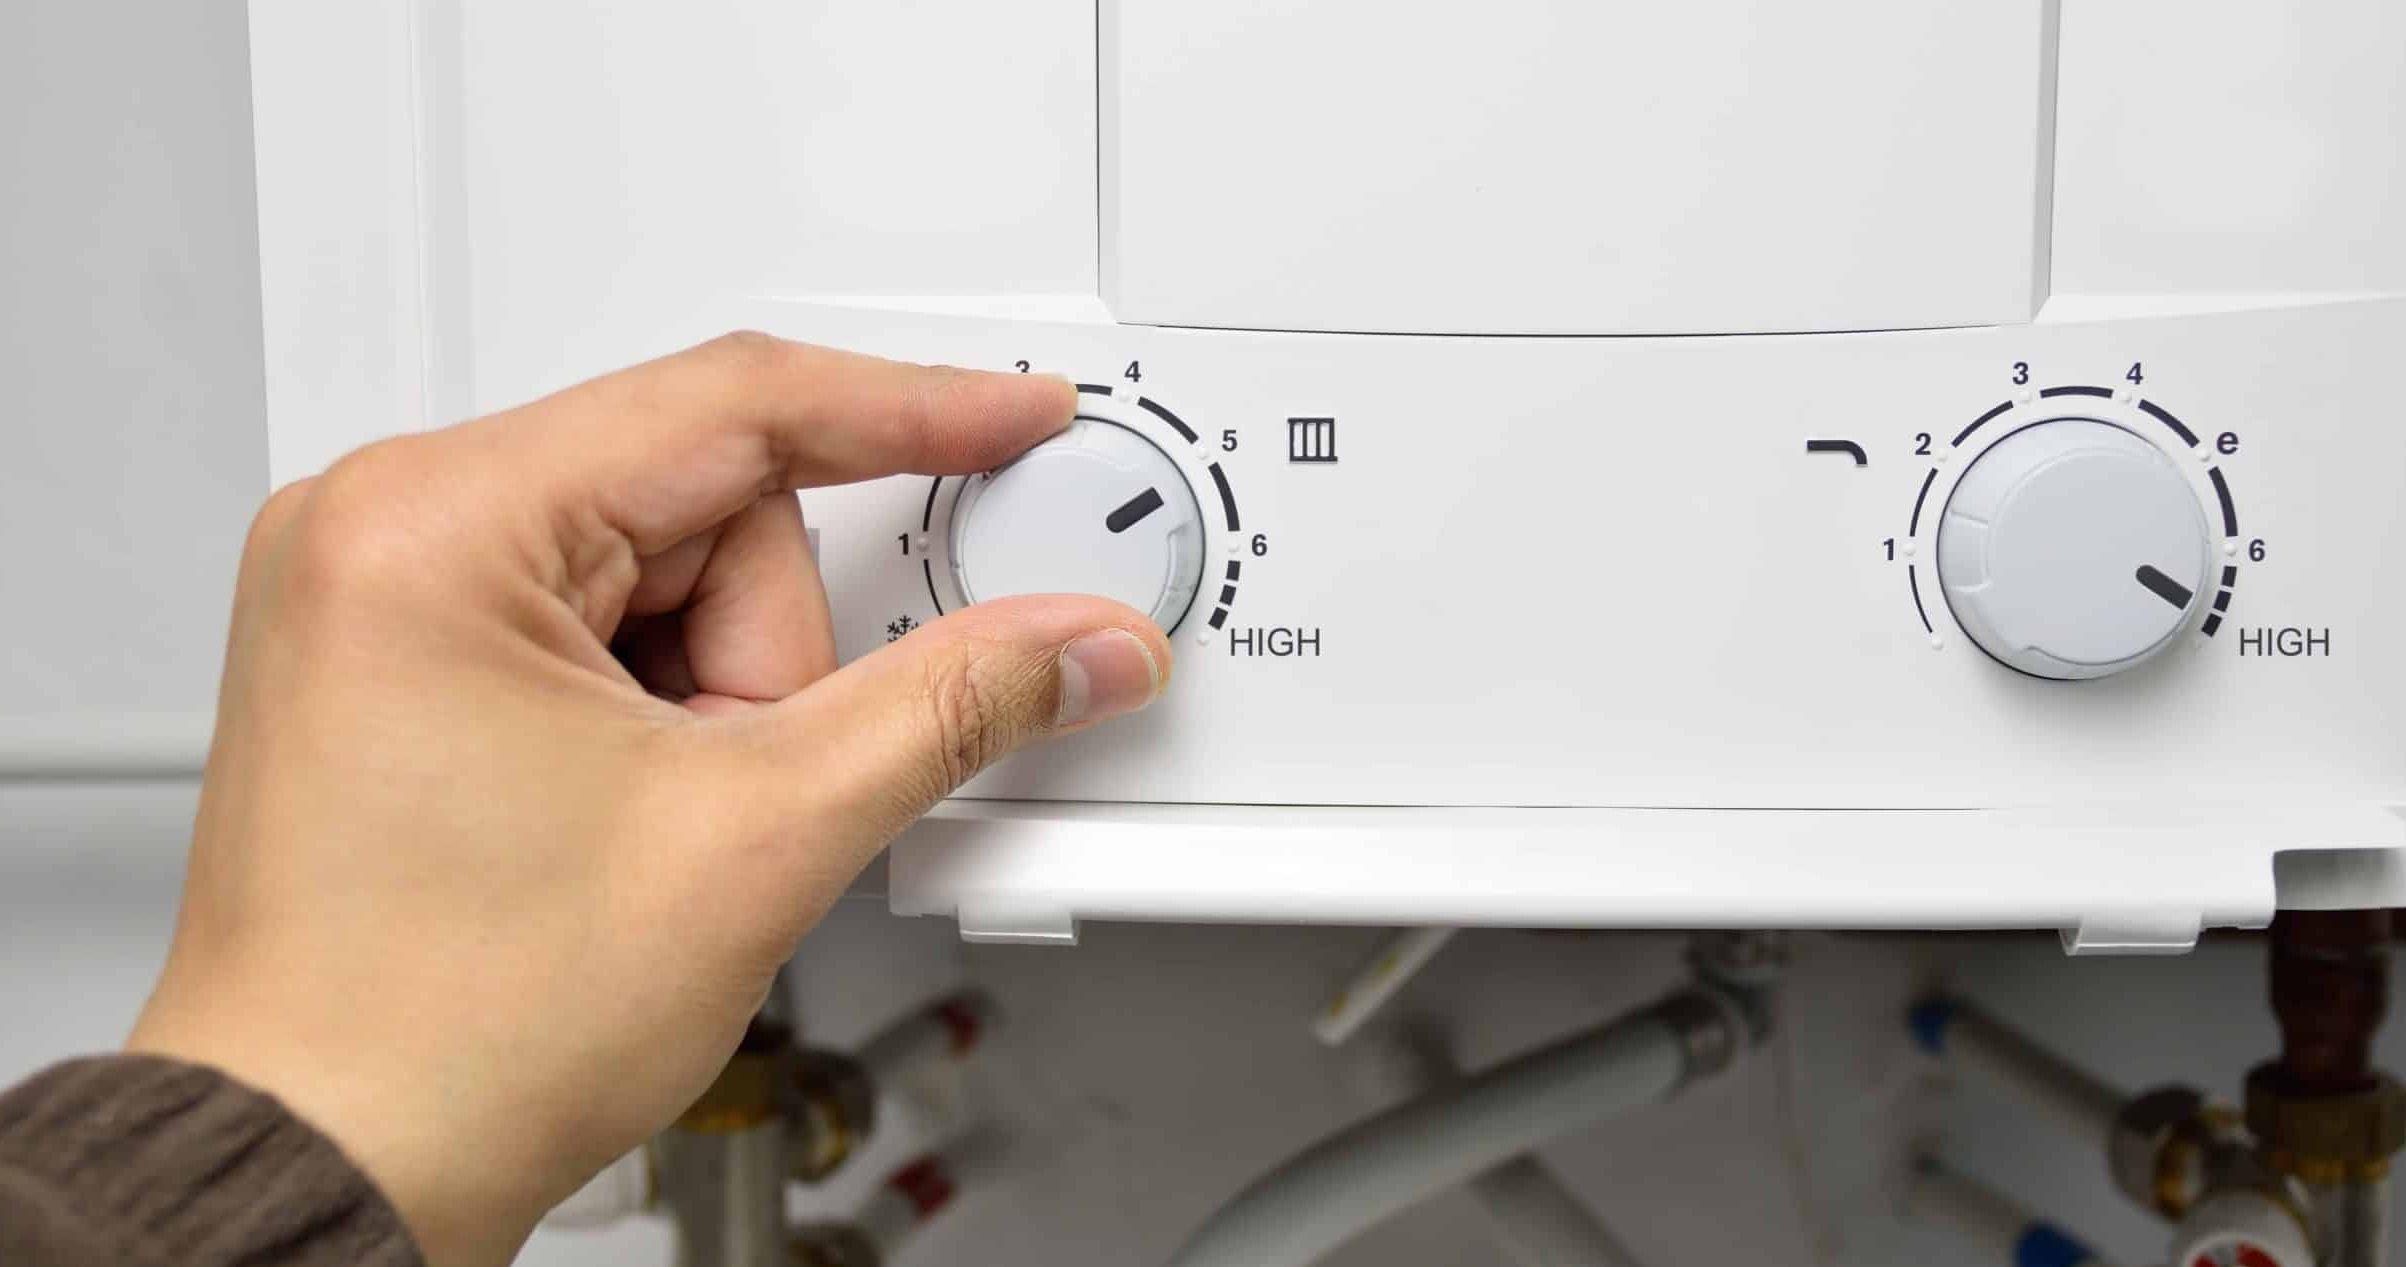 het instellen van de temperatuur van een elektrische boiler